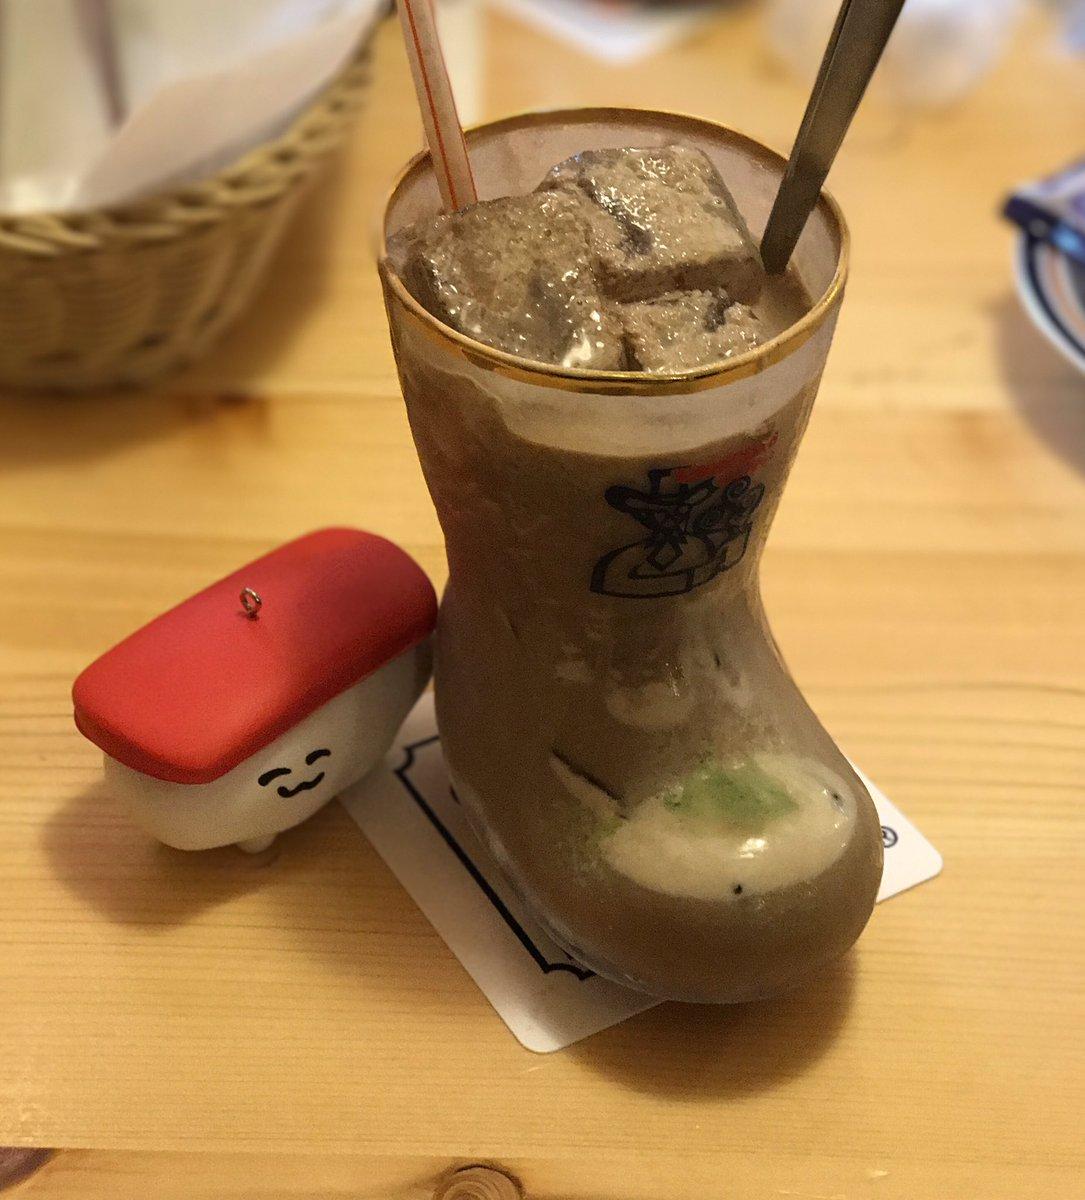 バレンタイン前なので、今年もコメダ珈琲がソフトクリームマシンごとチョコ味にして、すべてのソフトに関わ…